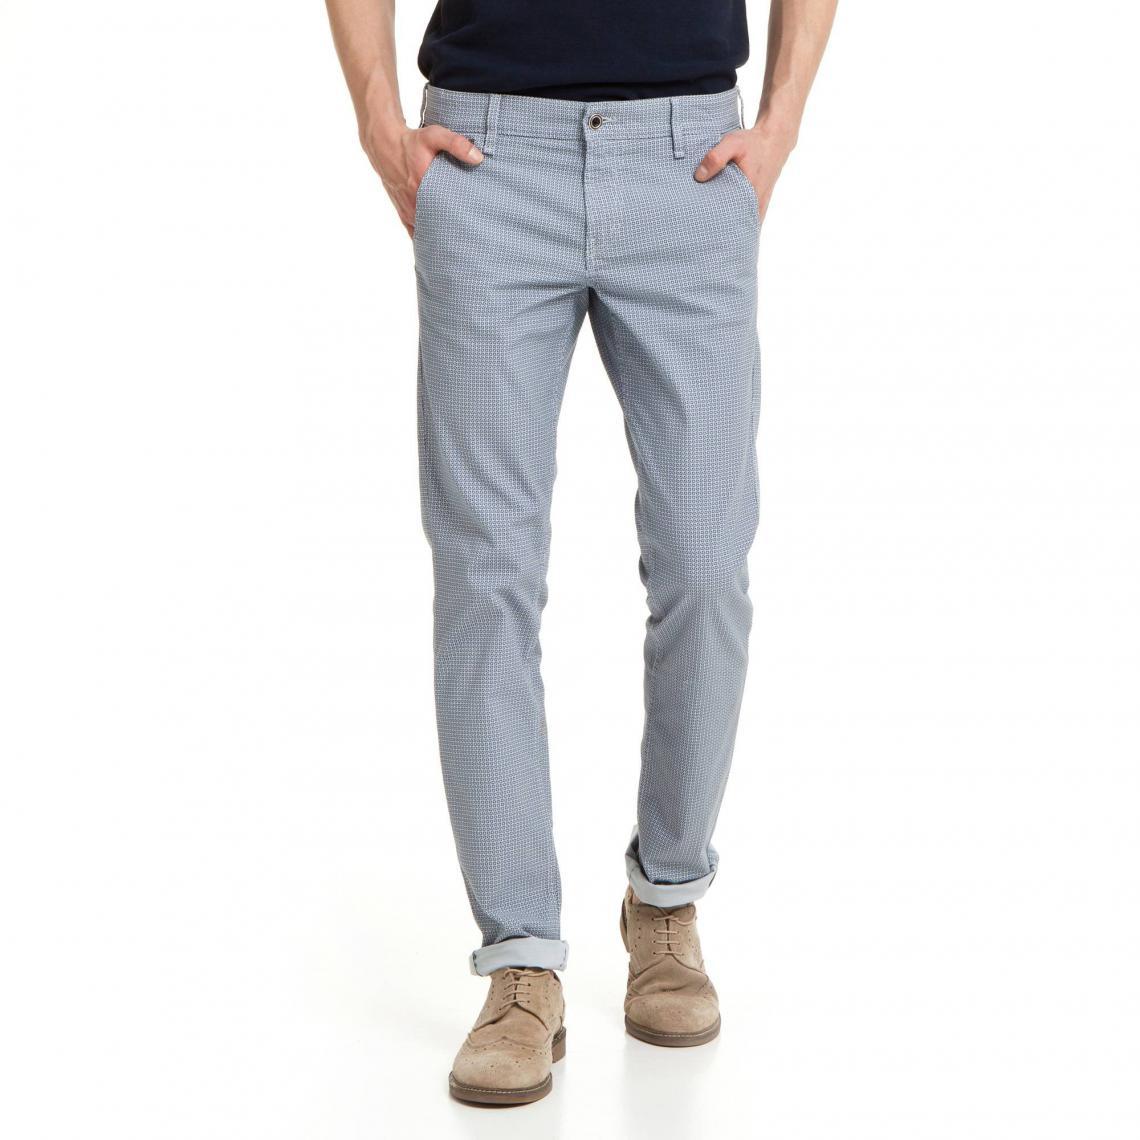 1dce70a8eca60 Pantalon skinny imprimé graphique homme Myron Guess - Bleu Marine Guess  Homme